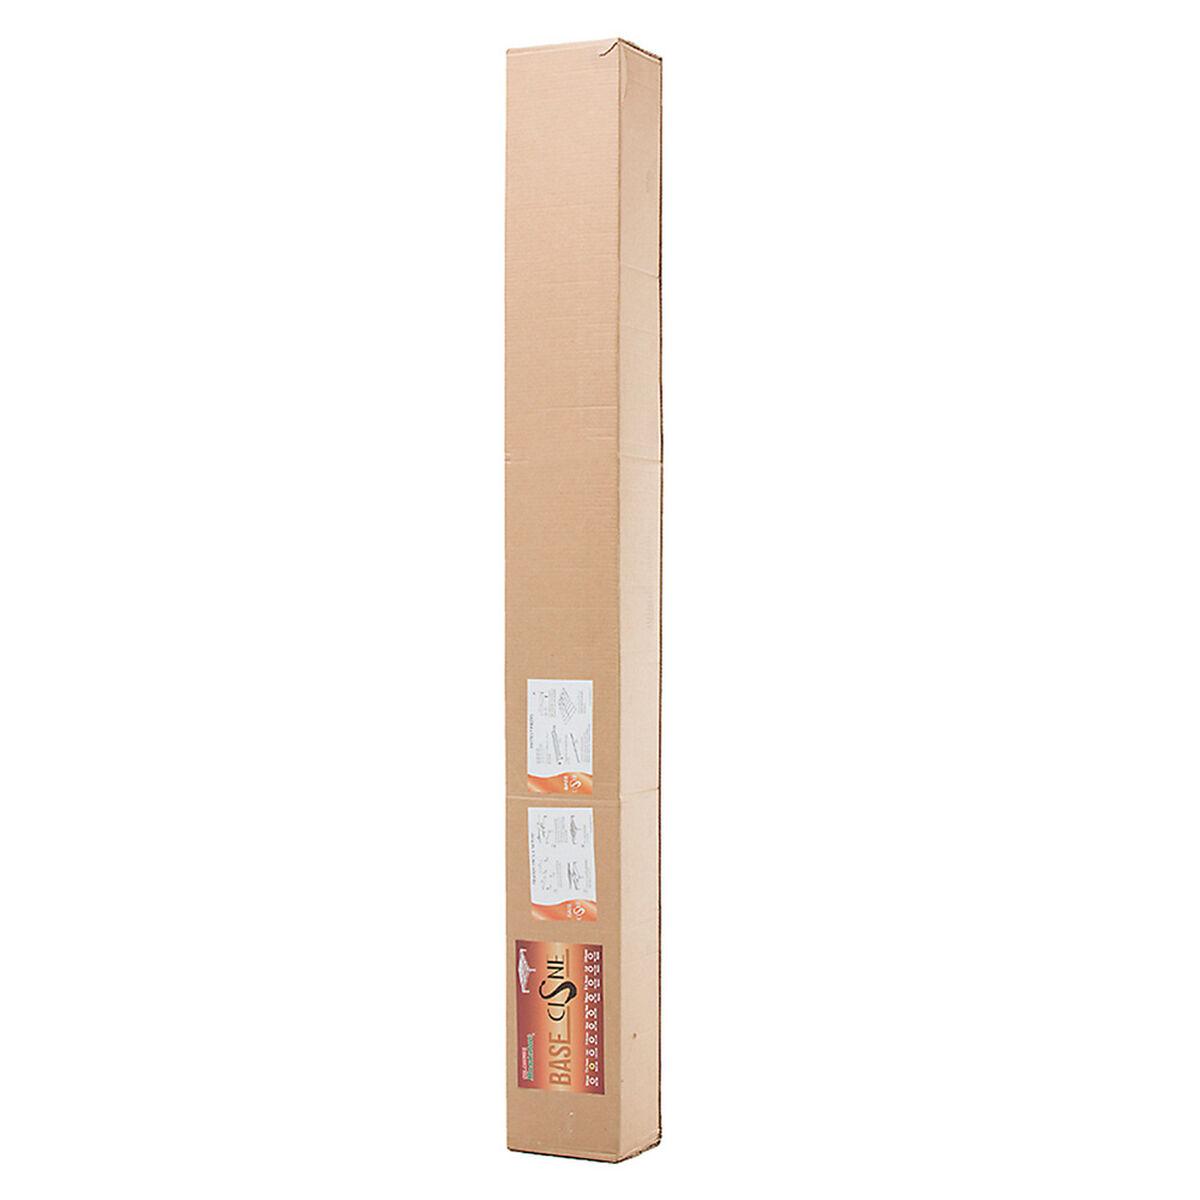 Marquesa Mantahue Cisne Vetta 75 x 190 cm